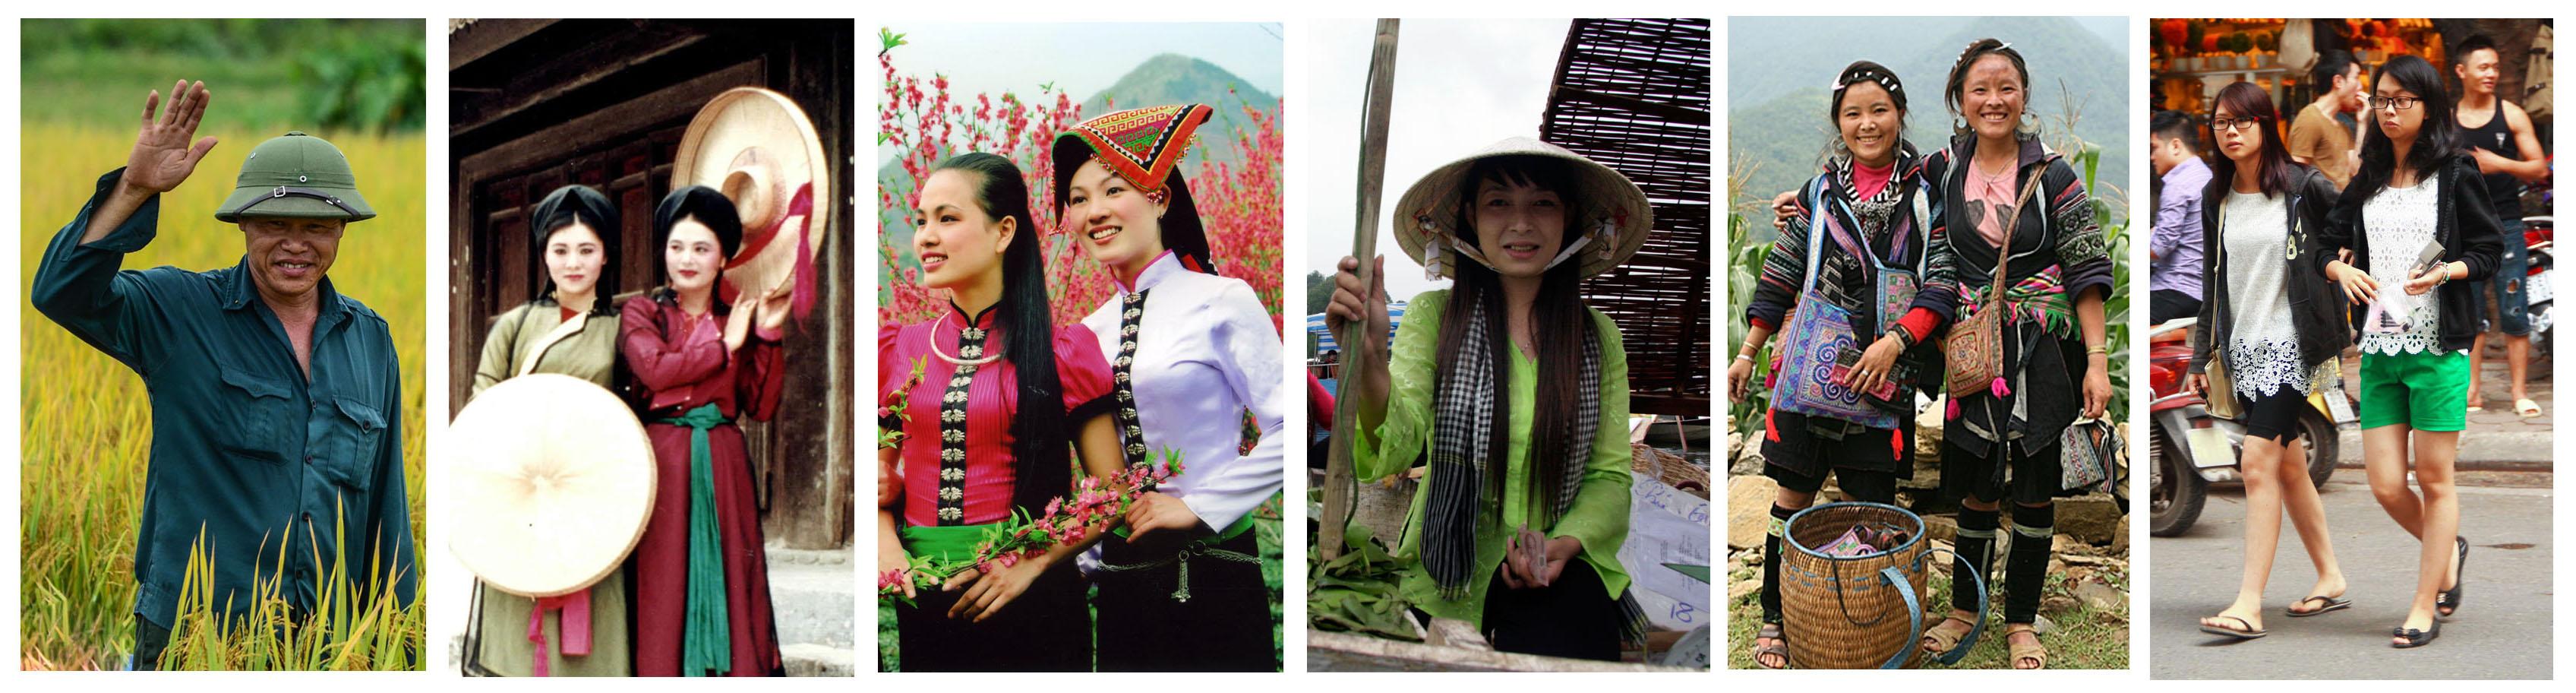 vietnam_lidi_01